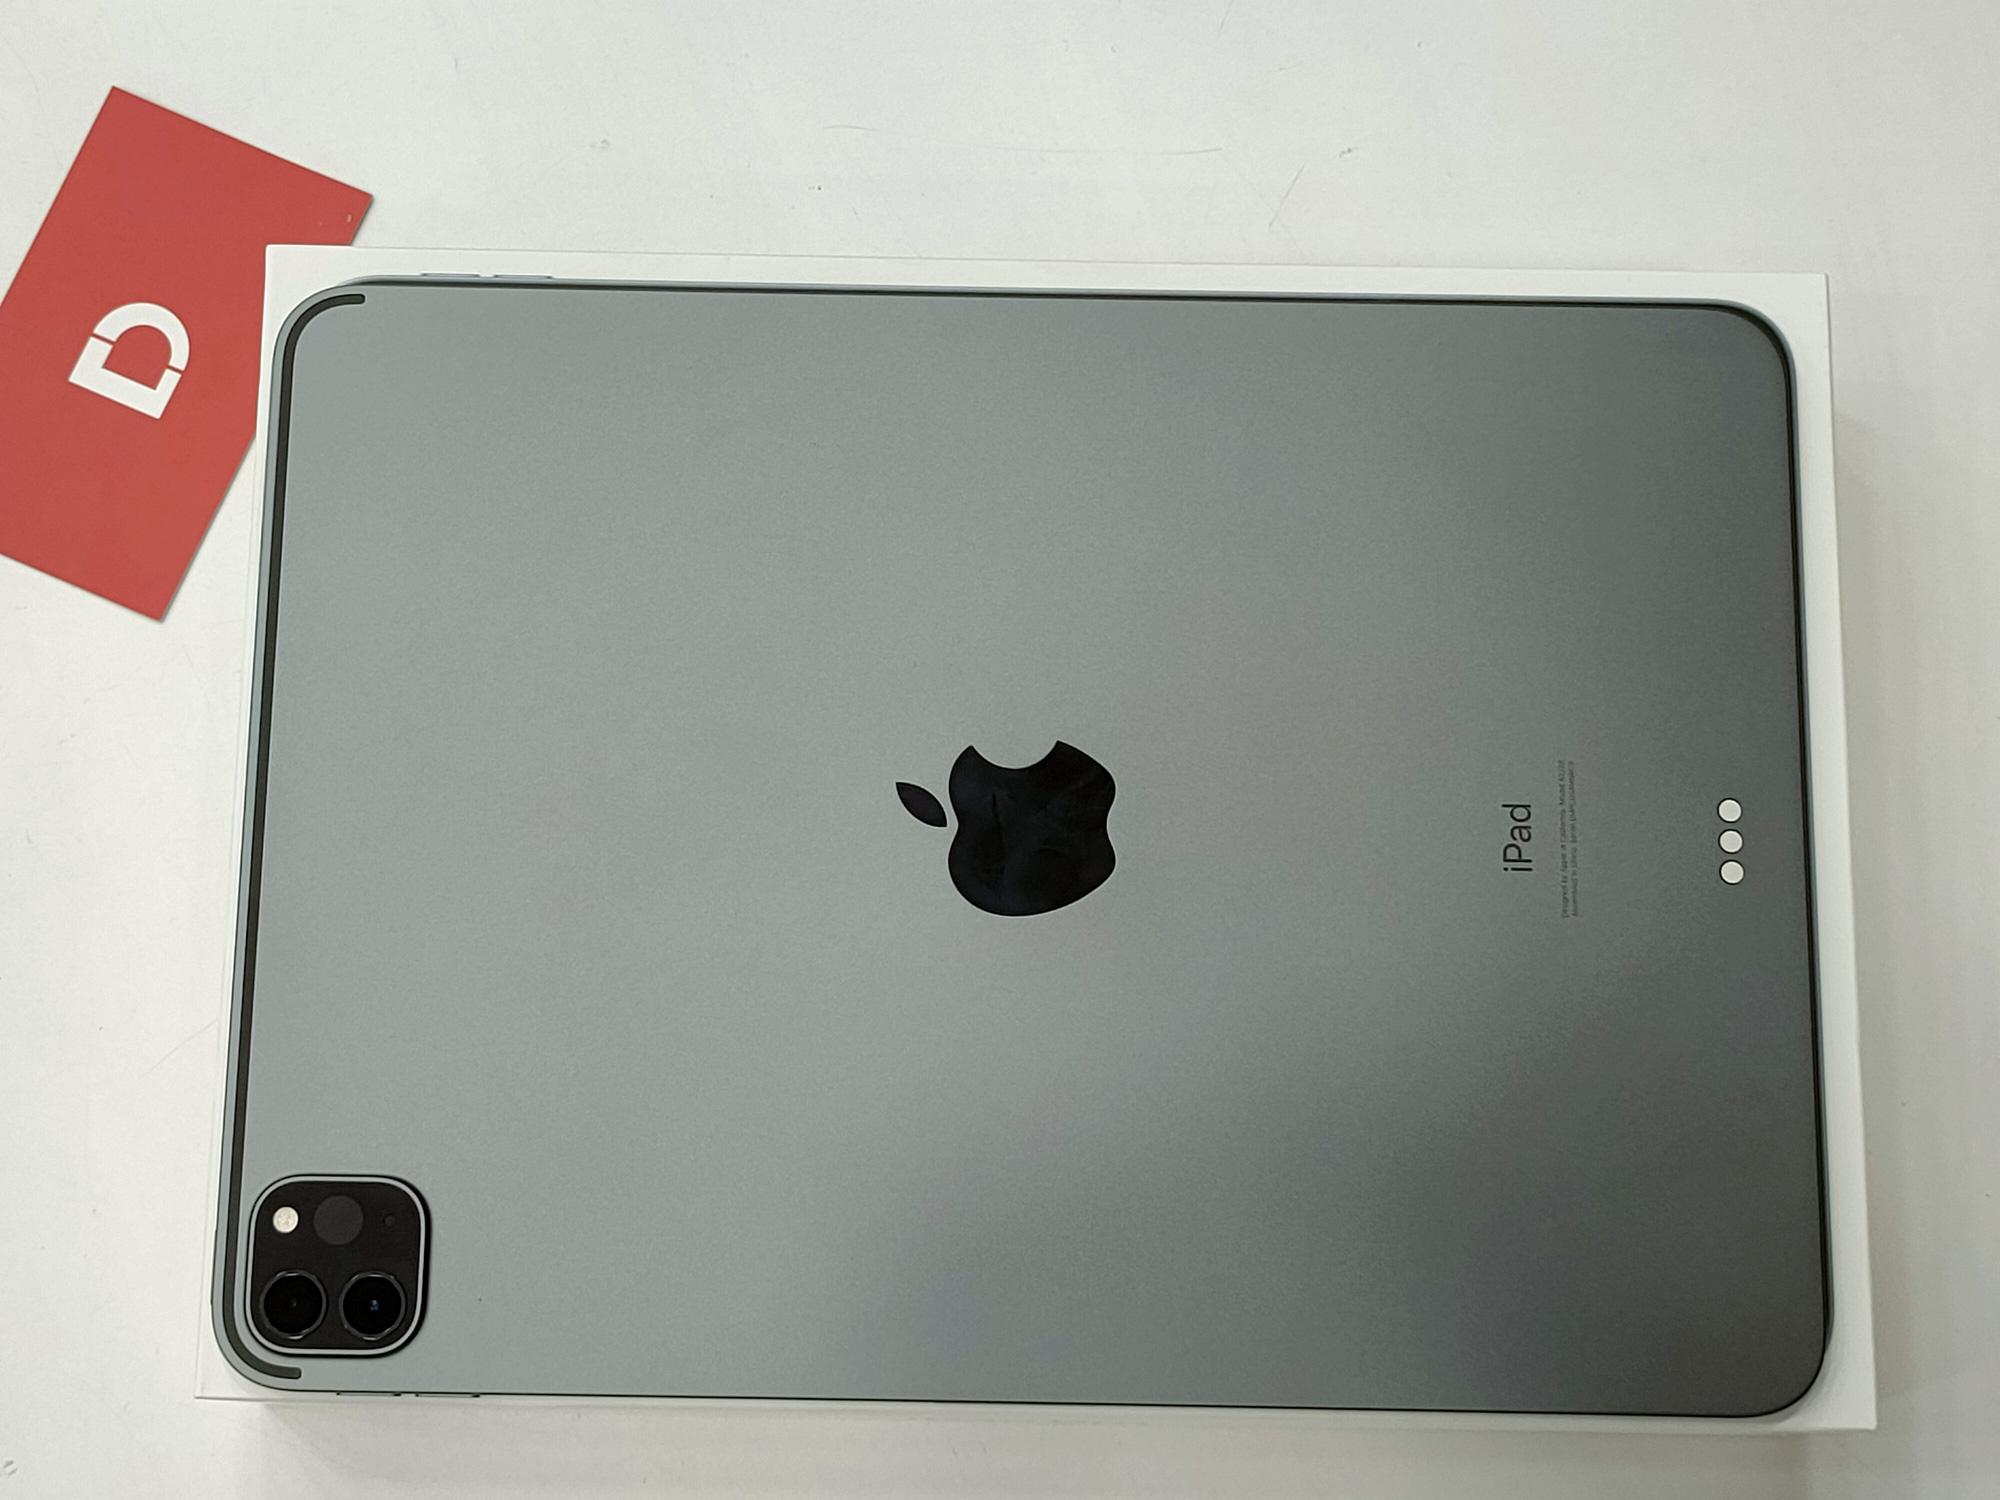 Trên tay nhanh iPad Pro 2020 vừa mới về Việt Nam - Ảnh 2.